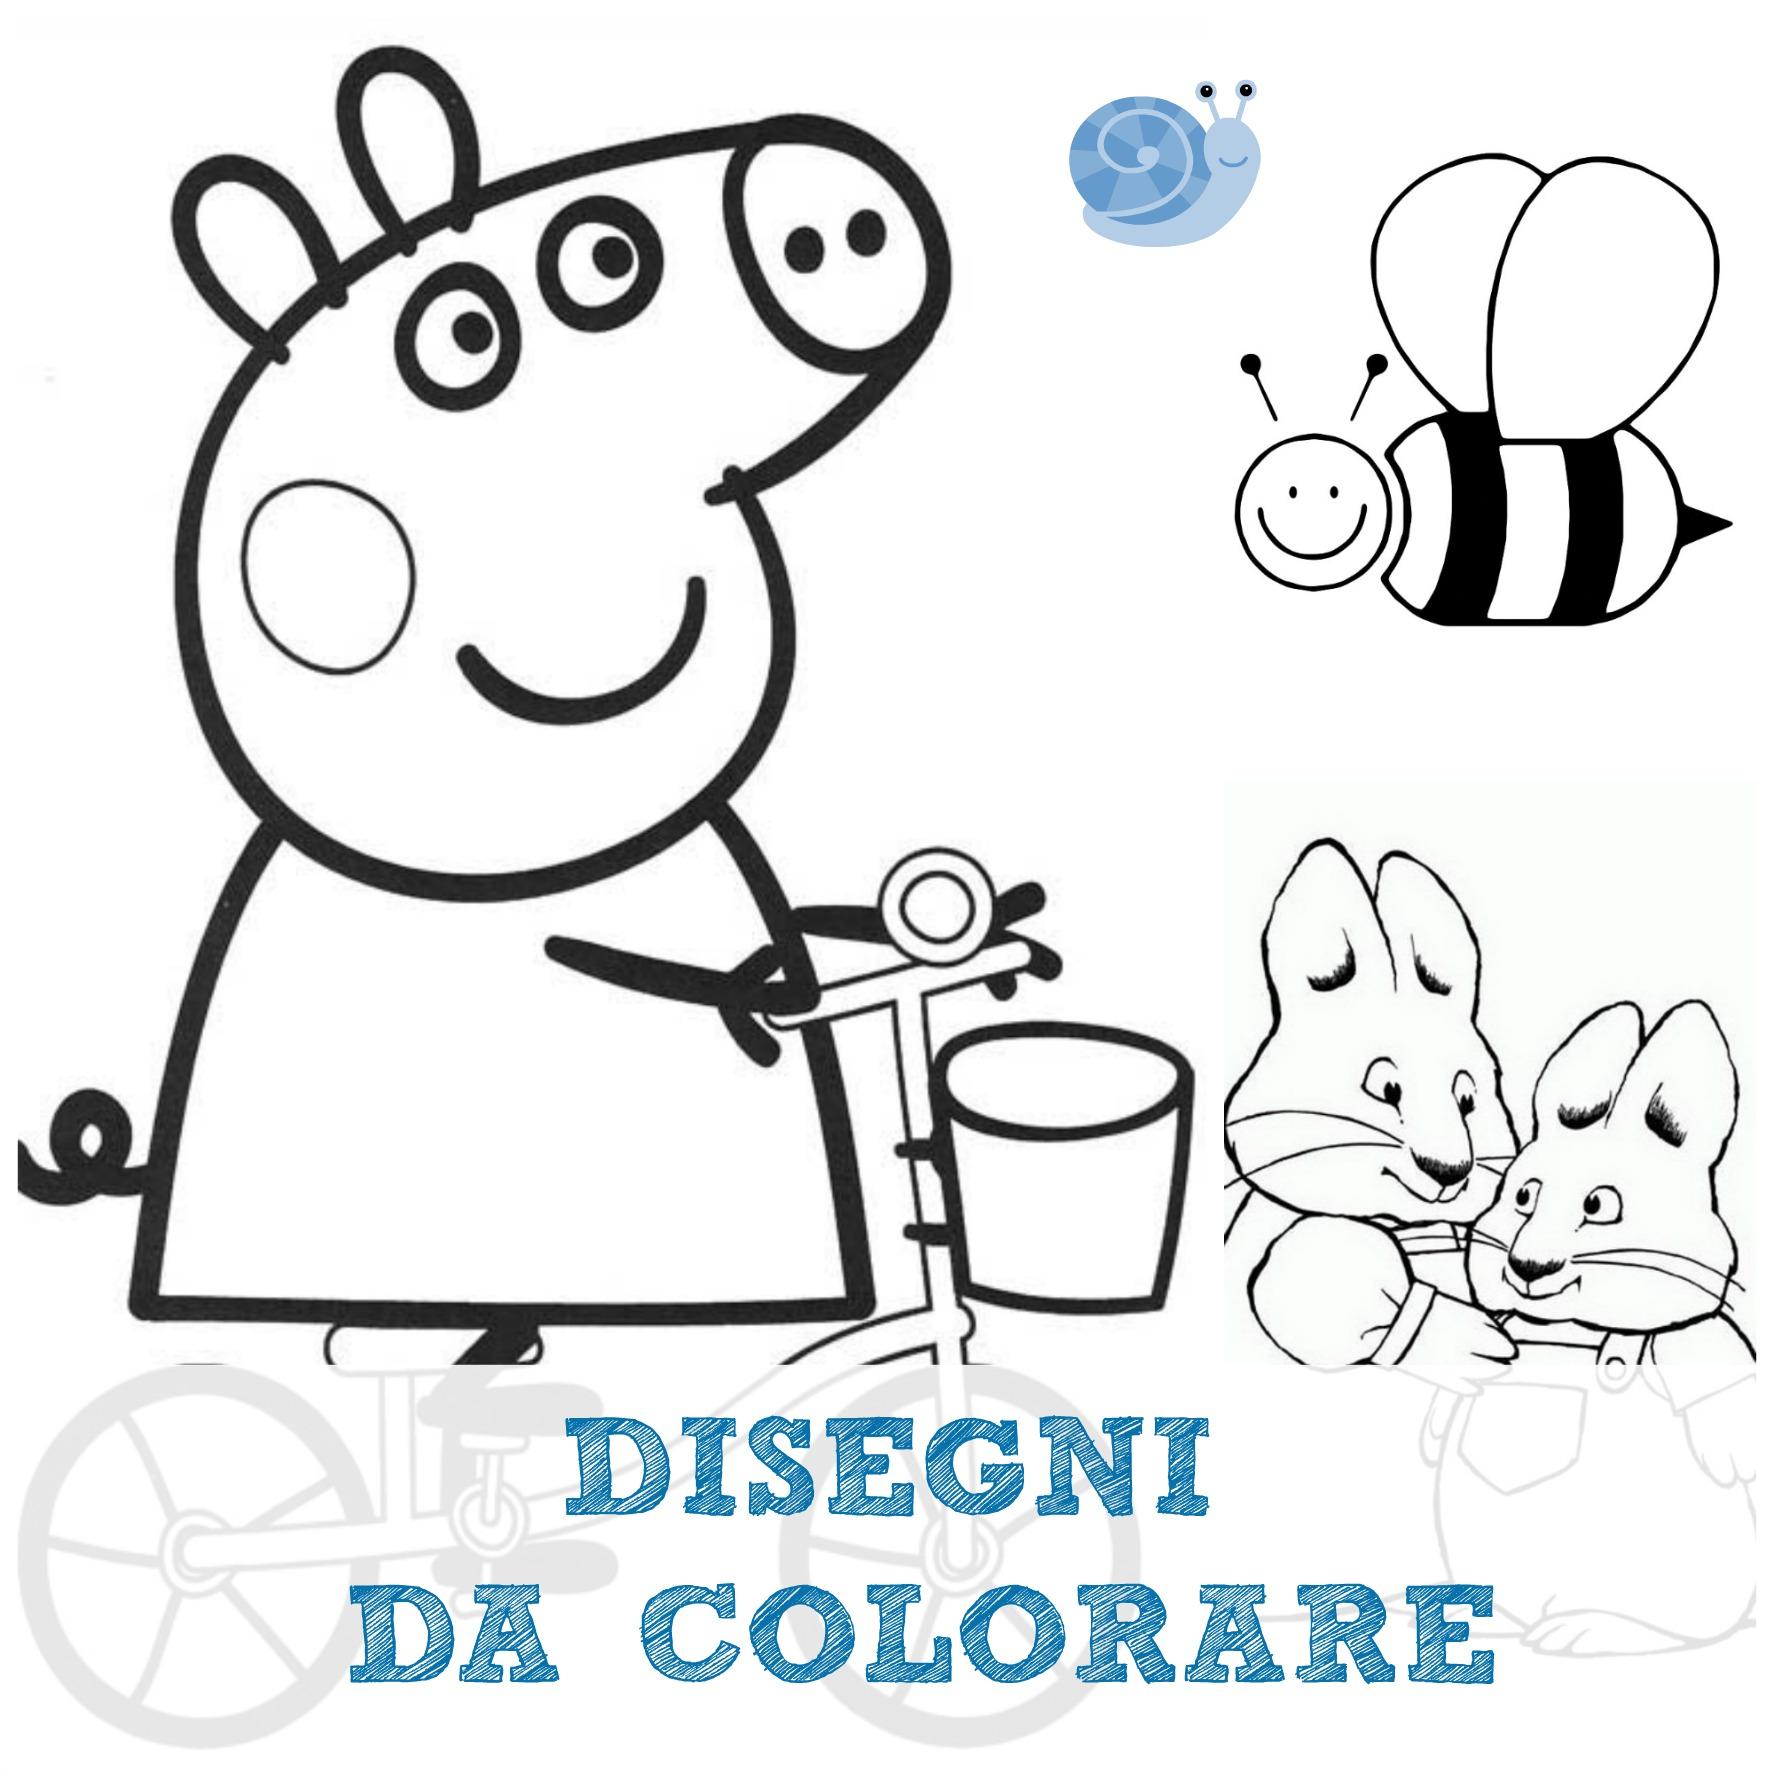 Disegni da colorare babygreen for Immagini di clown da colorare